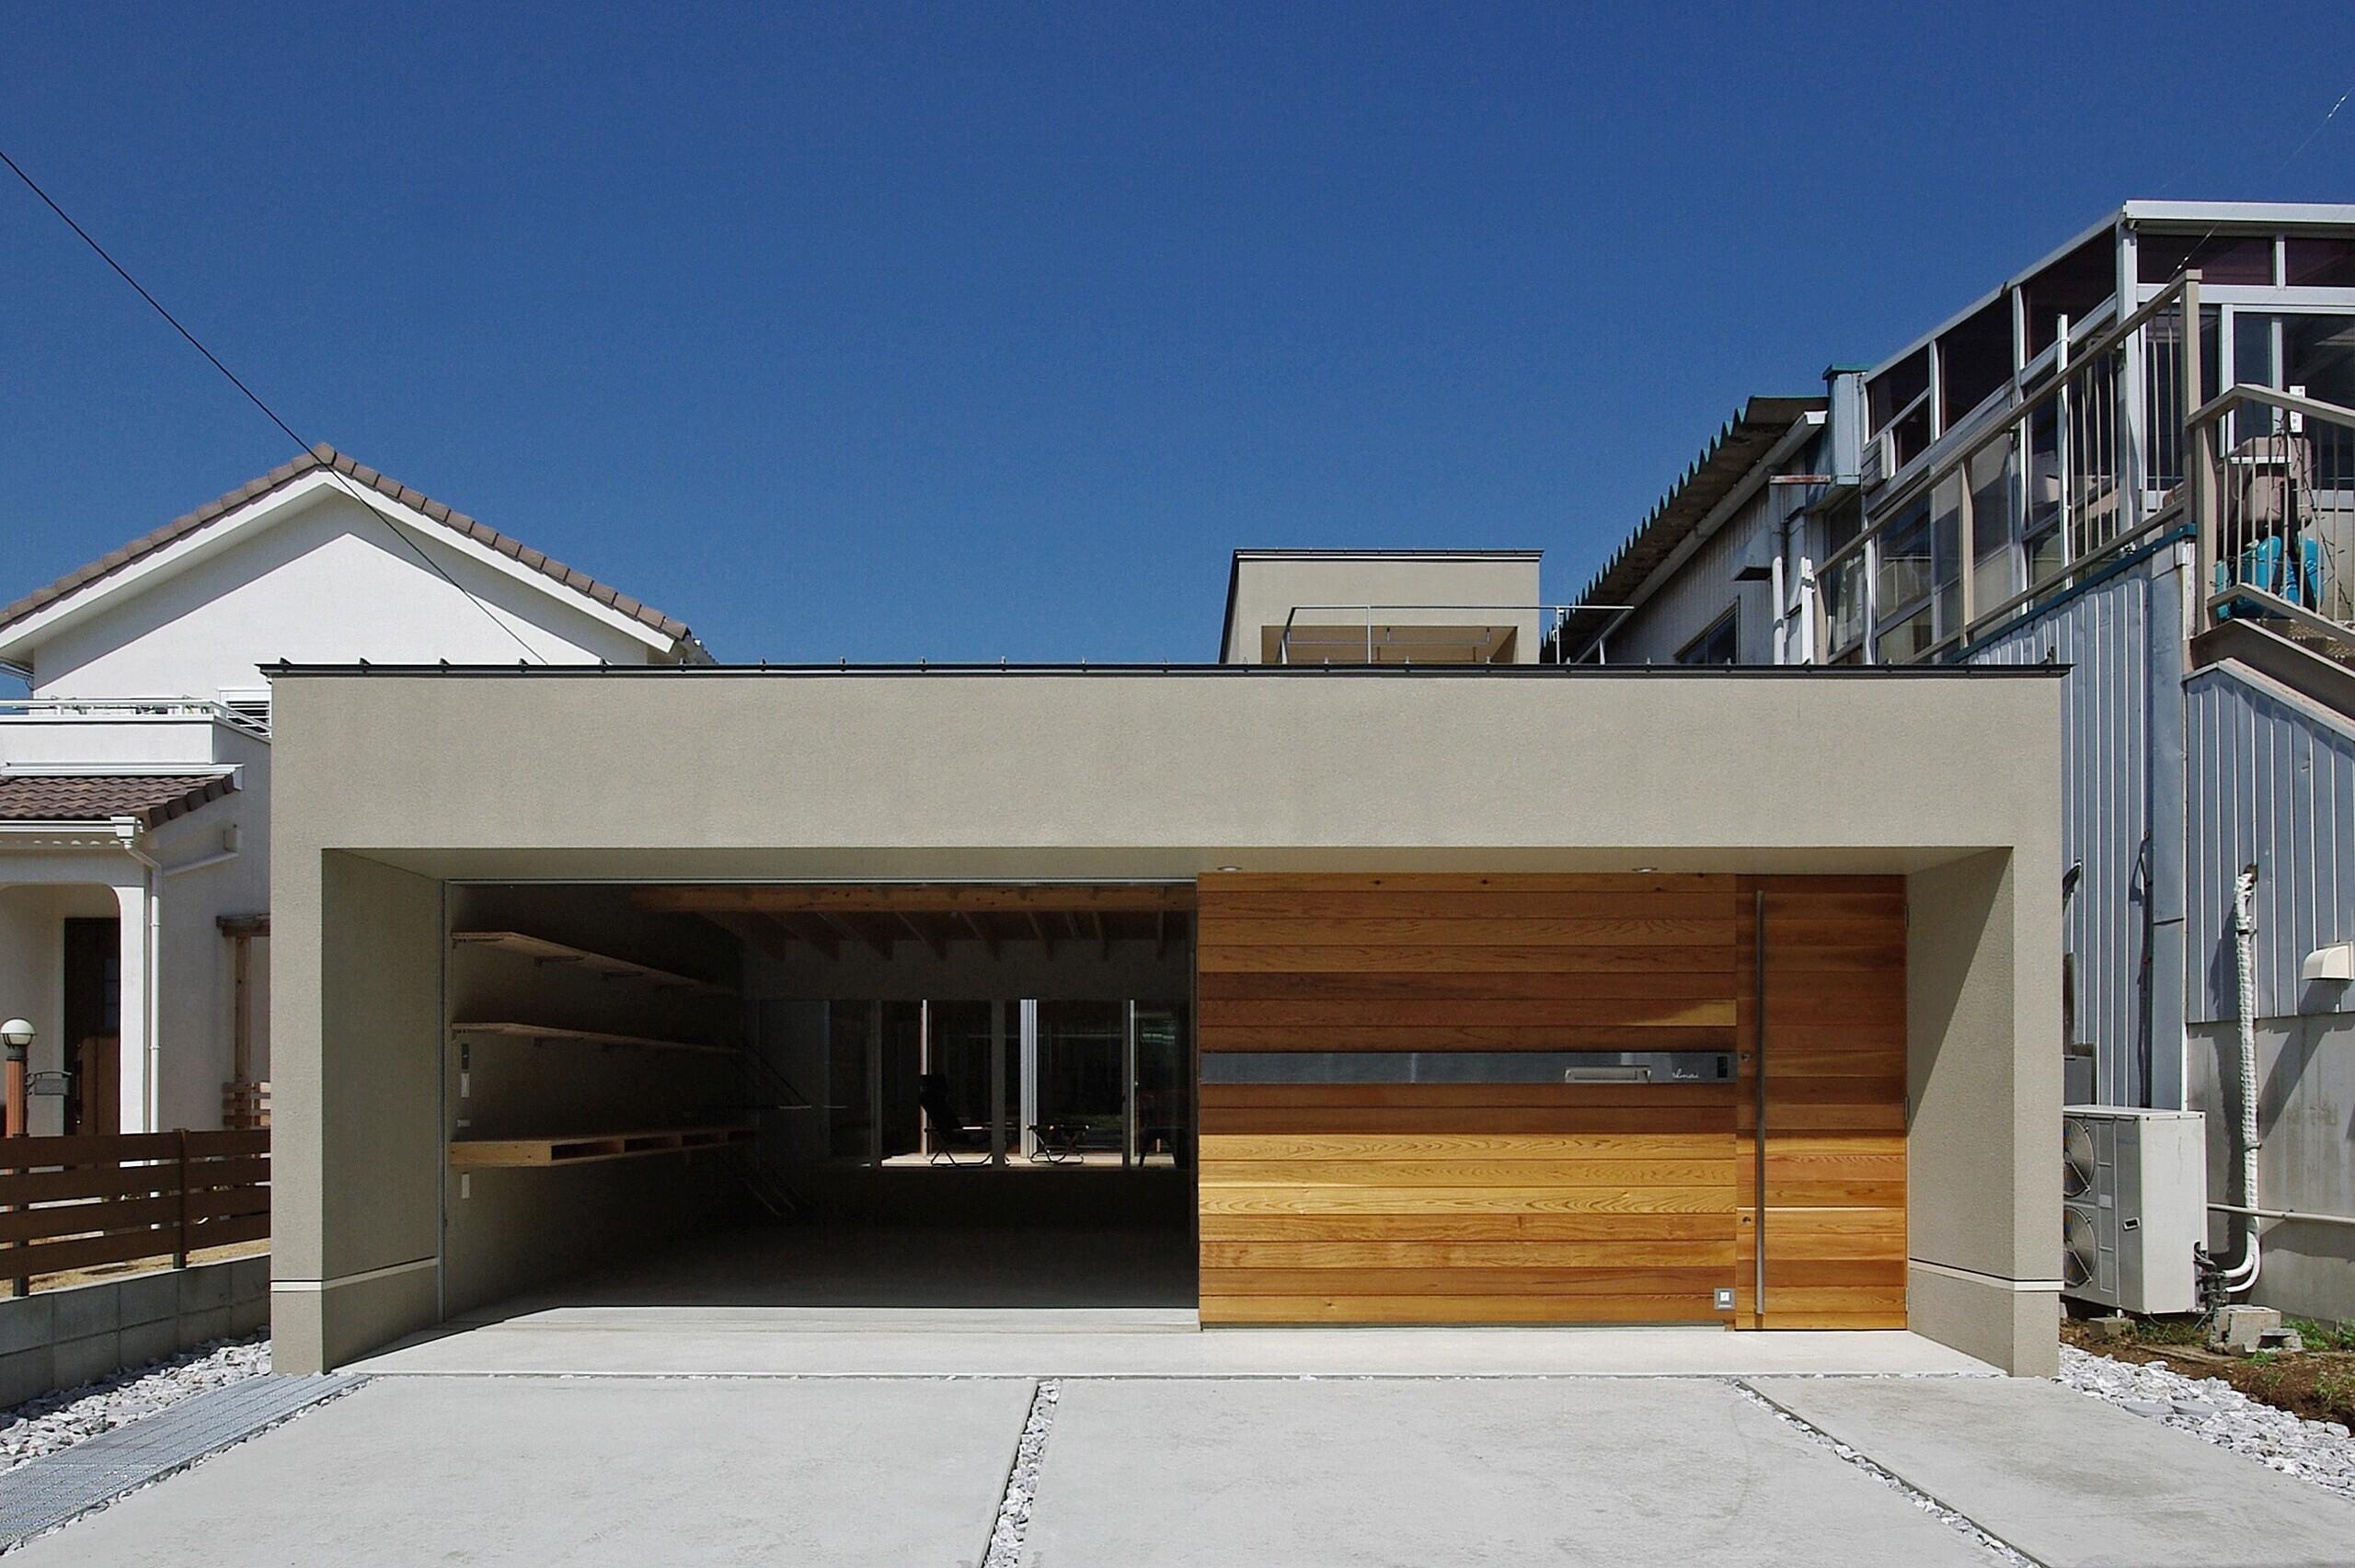 二つの中庭を持つ間取り。1階はガレージ+玄関、LDK、水回りと3ブロックに分け、それぞれの間をウッドデッキの中庭が繋ぐ構成となっています。   平川の家-hirakawa